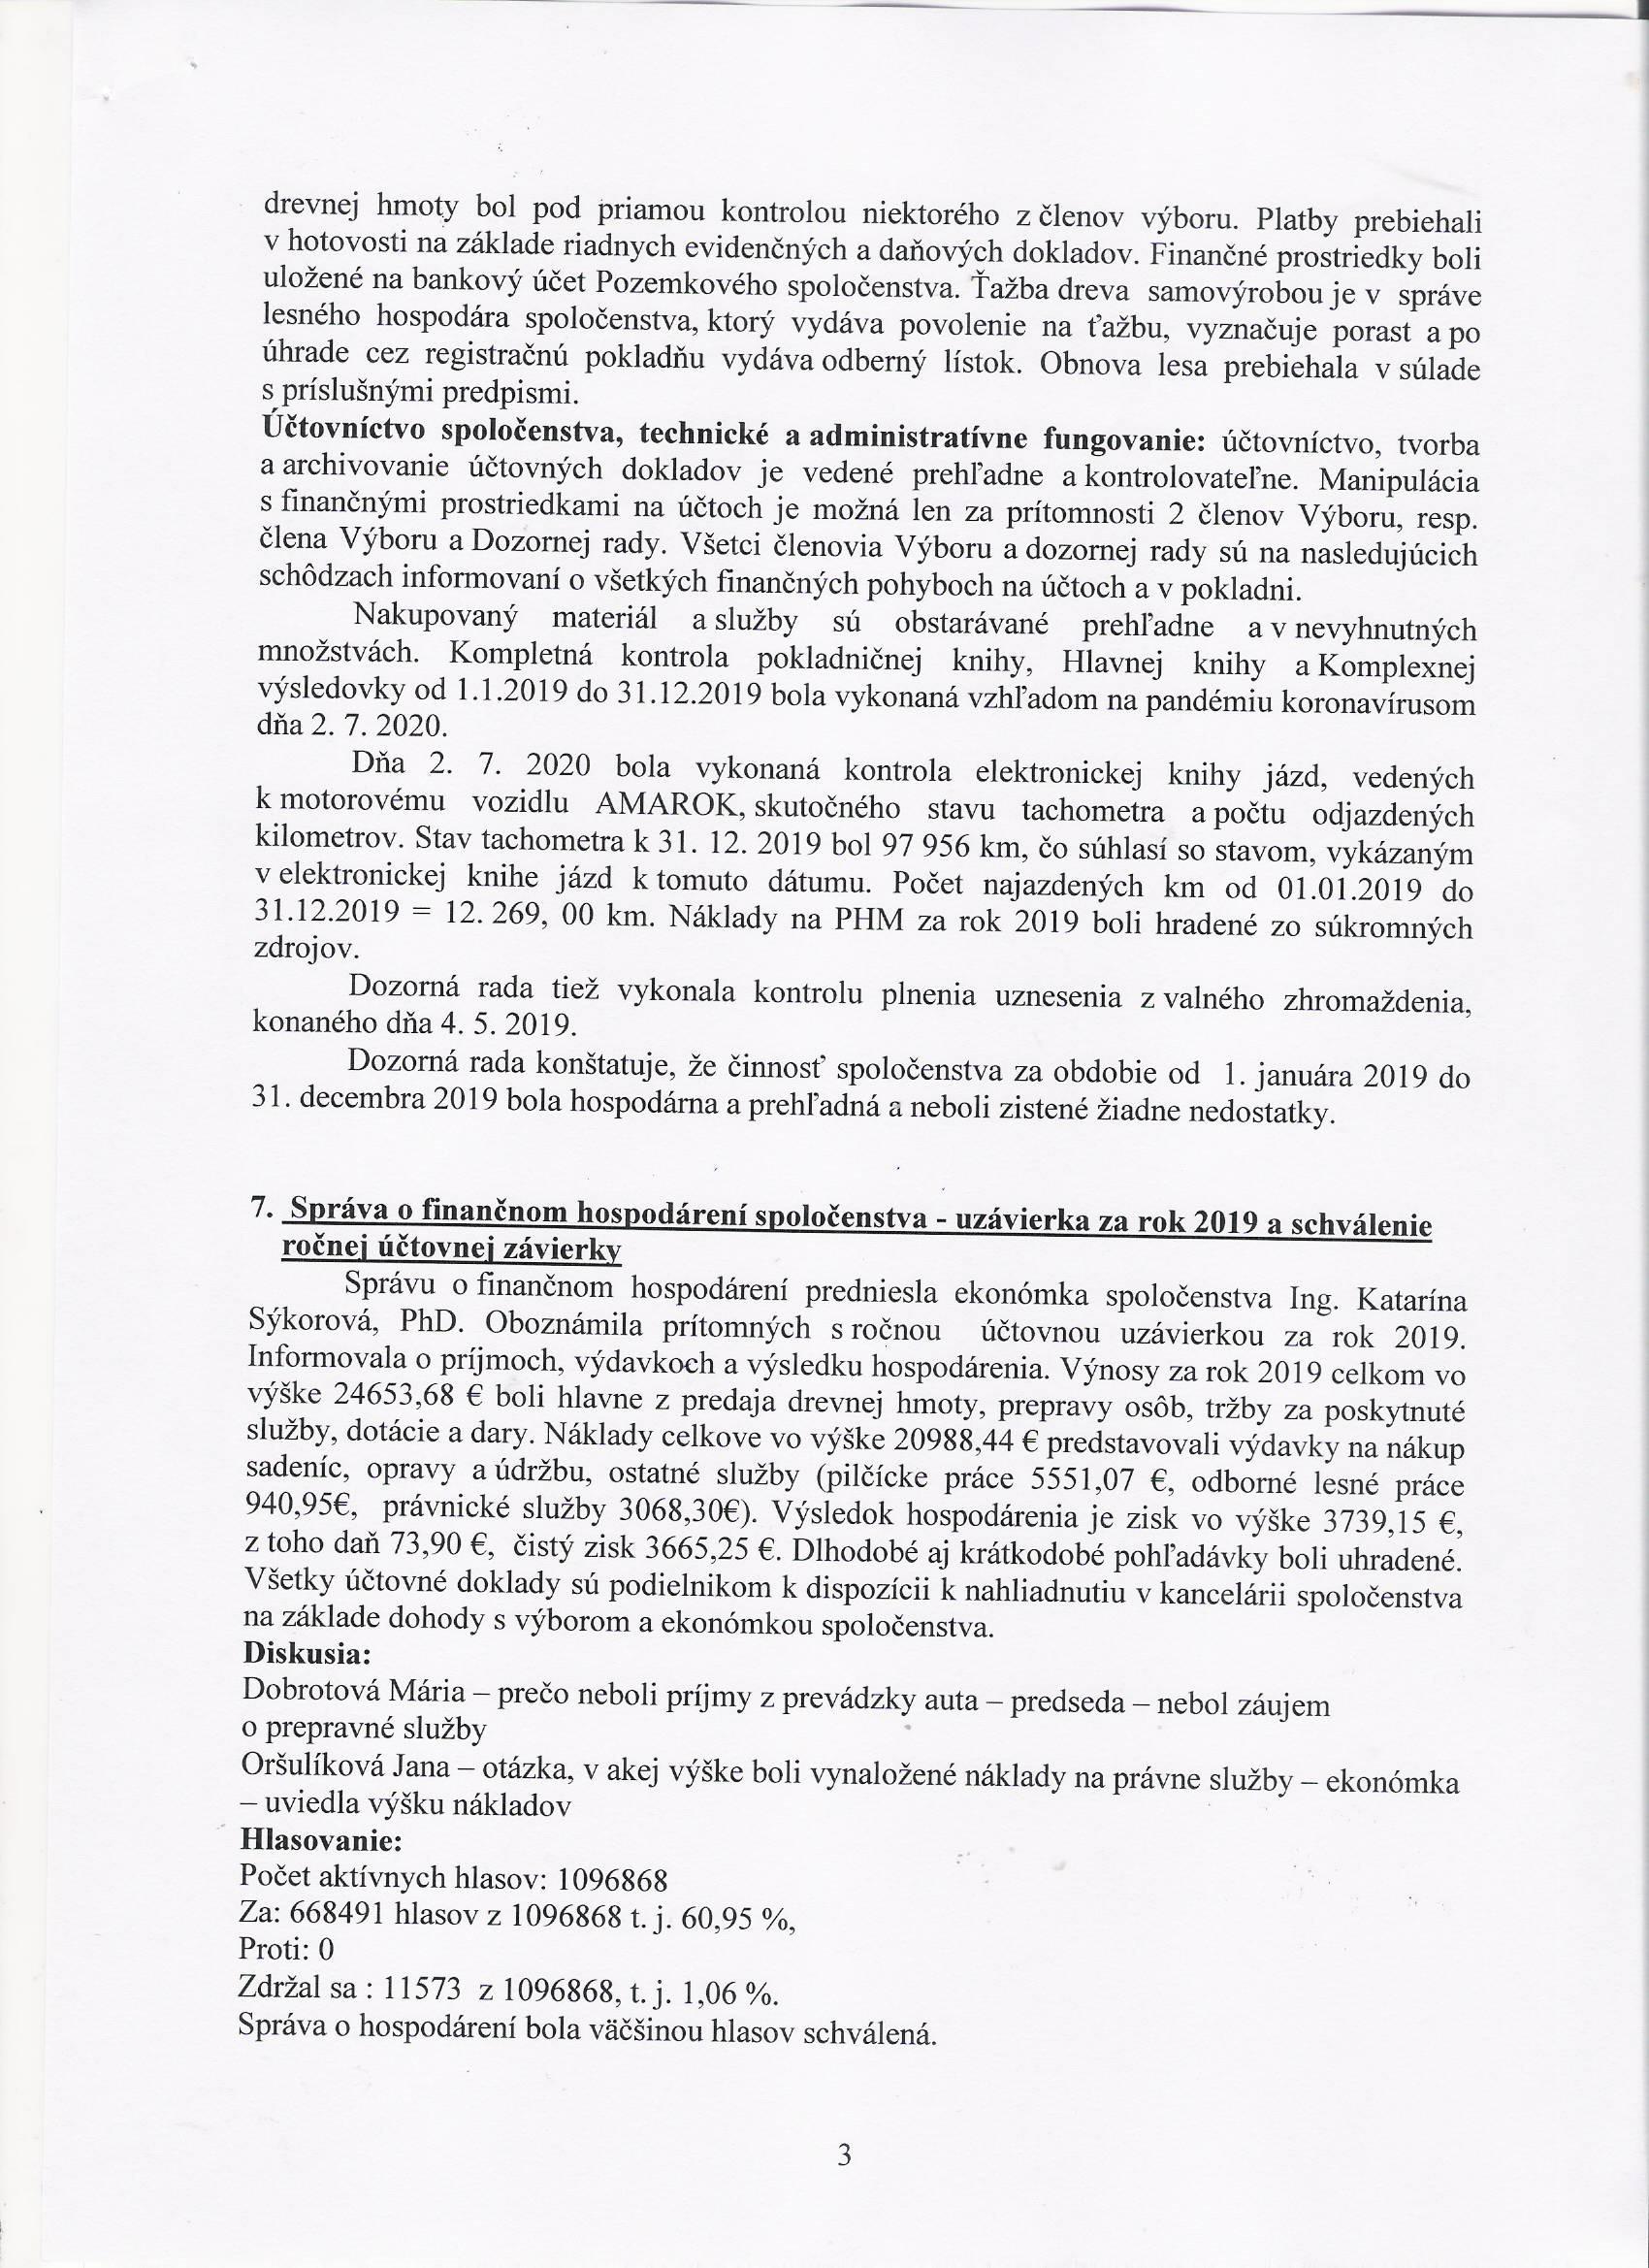 Scan - Zápisnica z VZ 18.7.2020 - strana č. 3